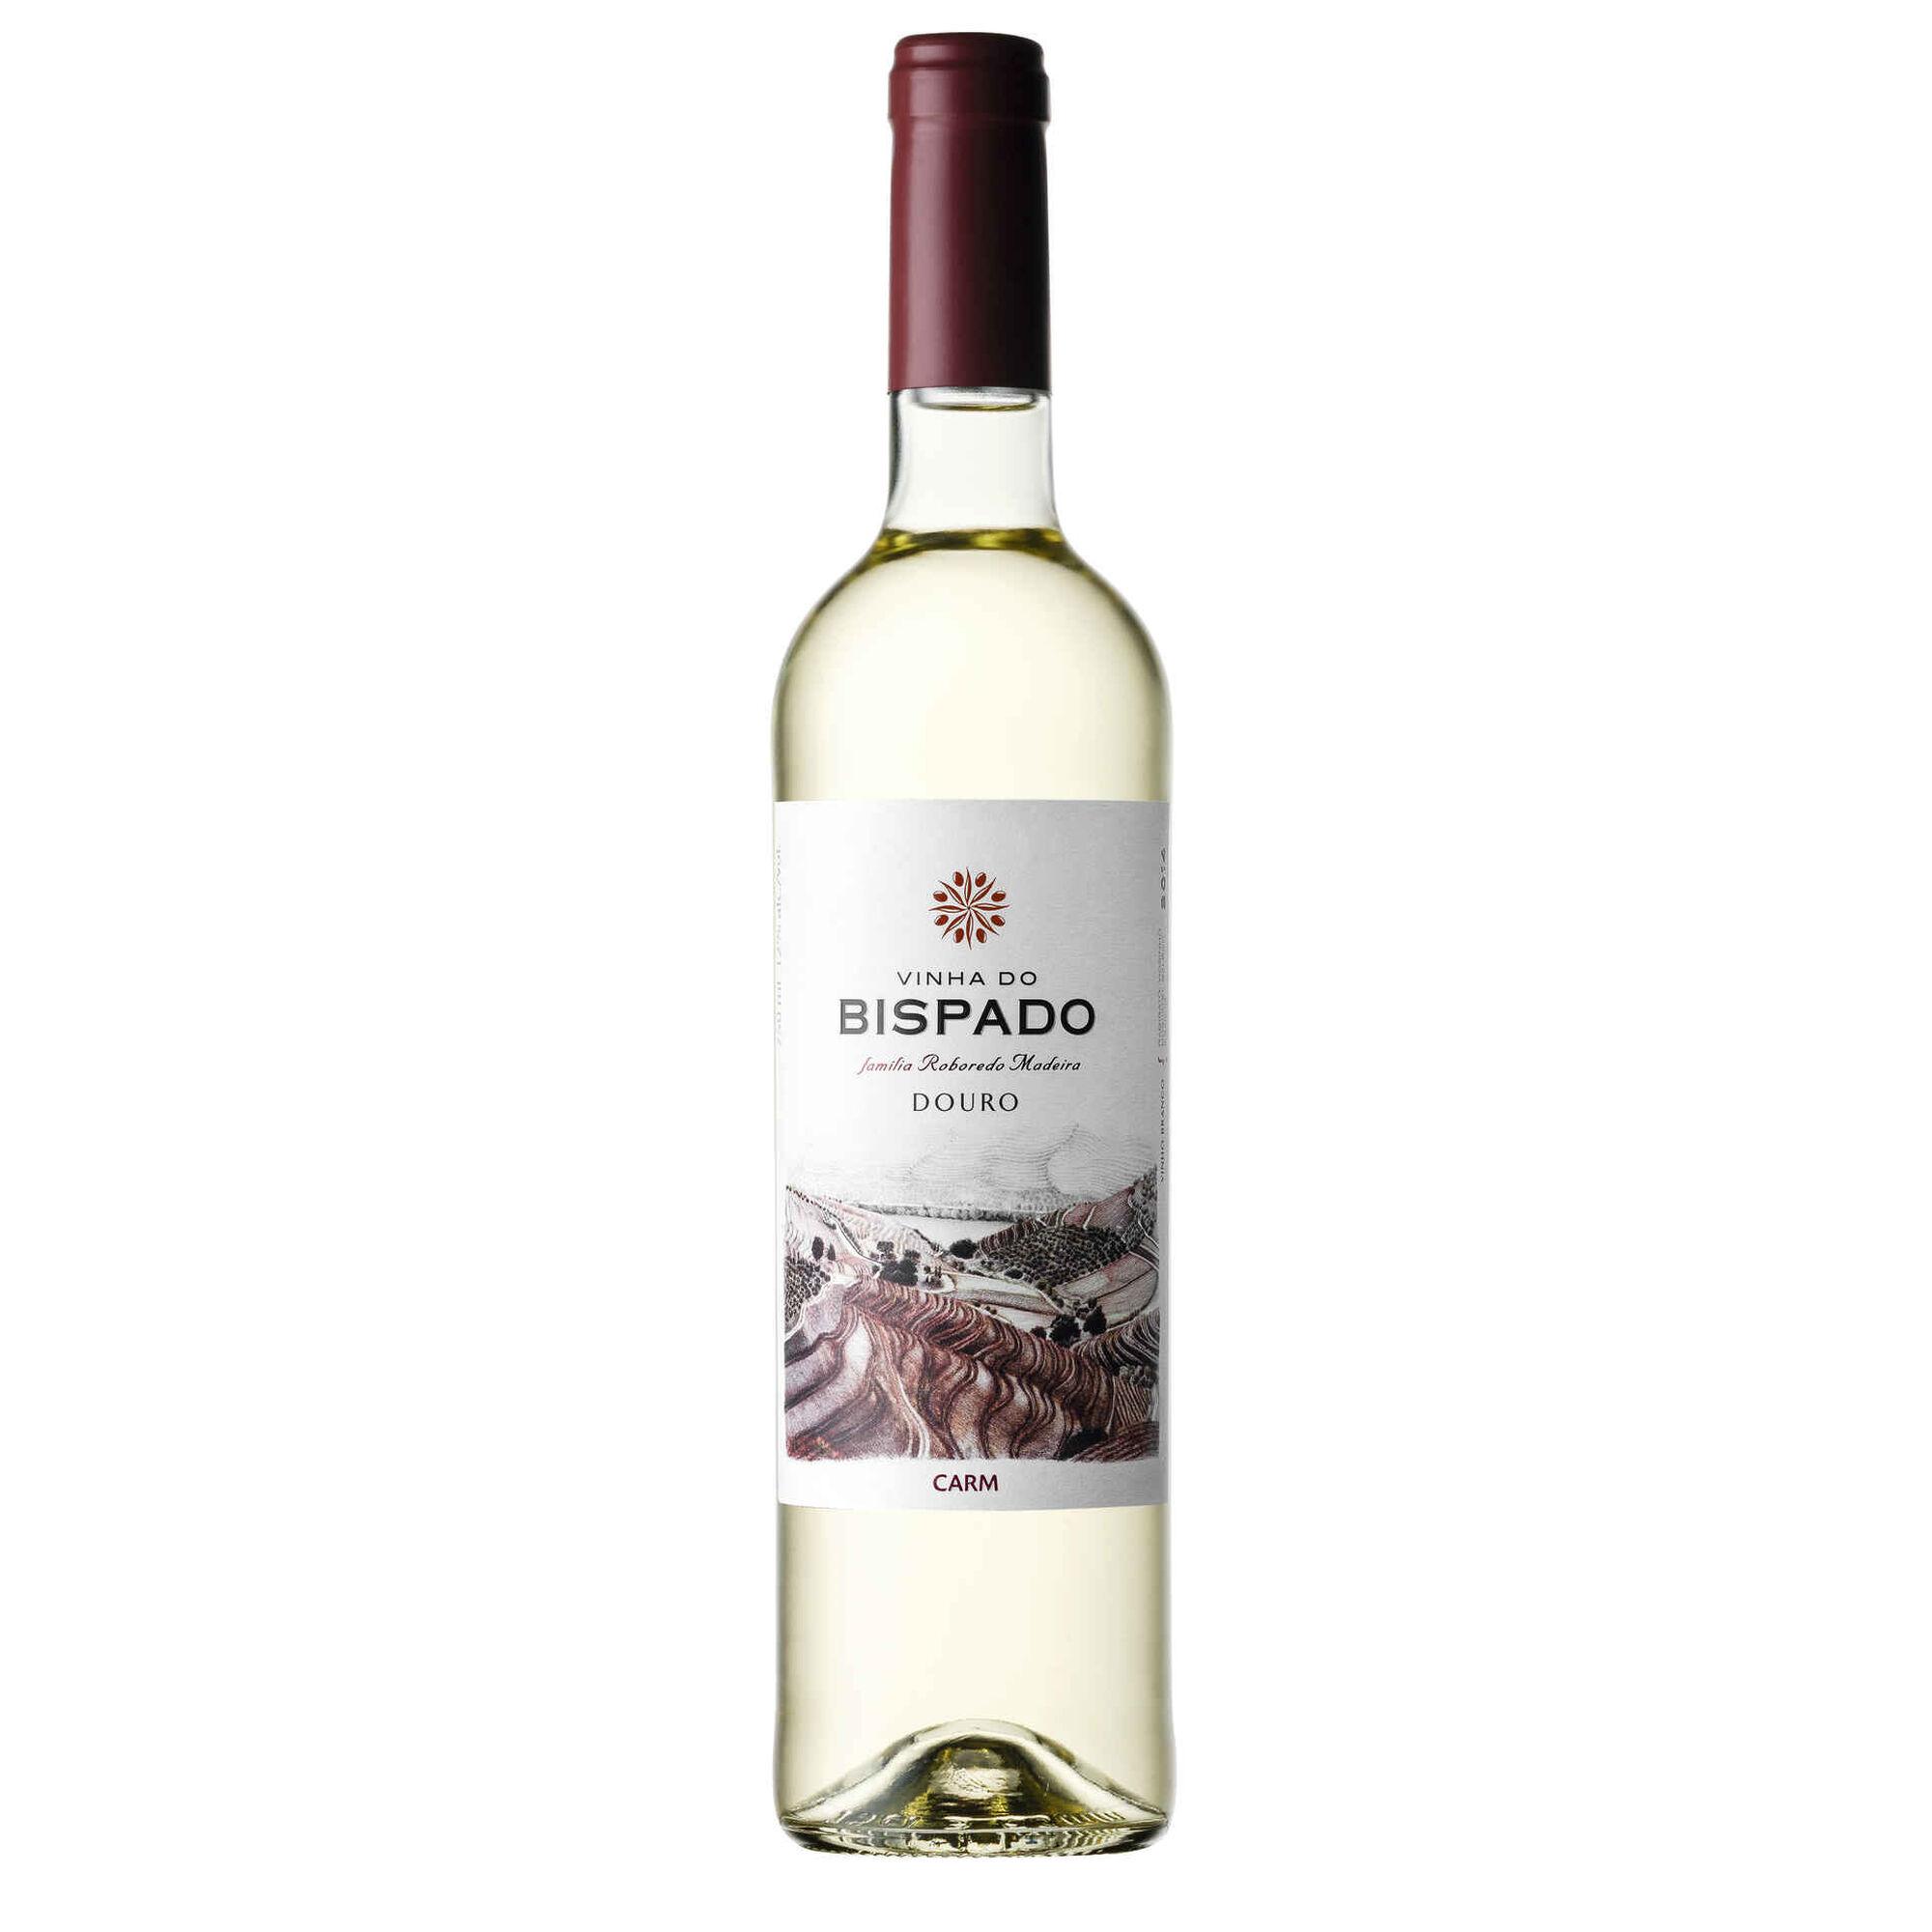 Vinha do Bispado DOC Douro Vinho Branco